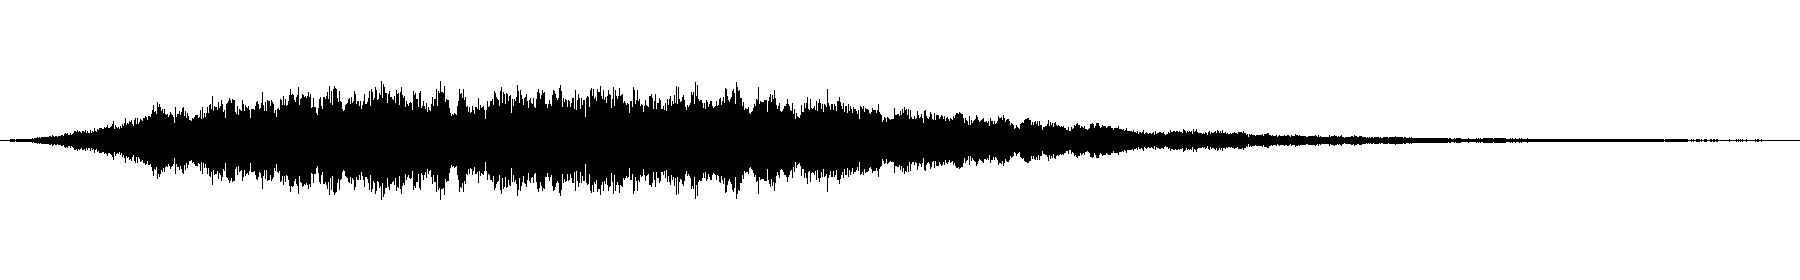 synth choir gm